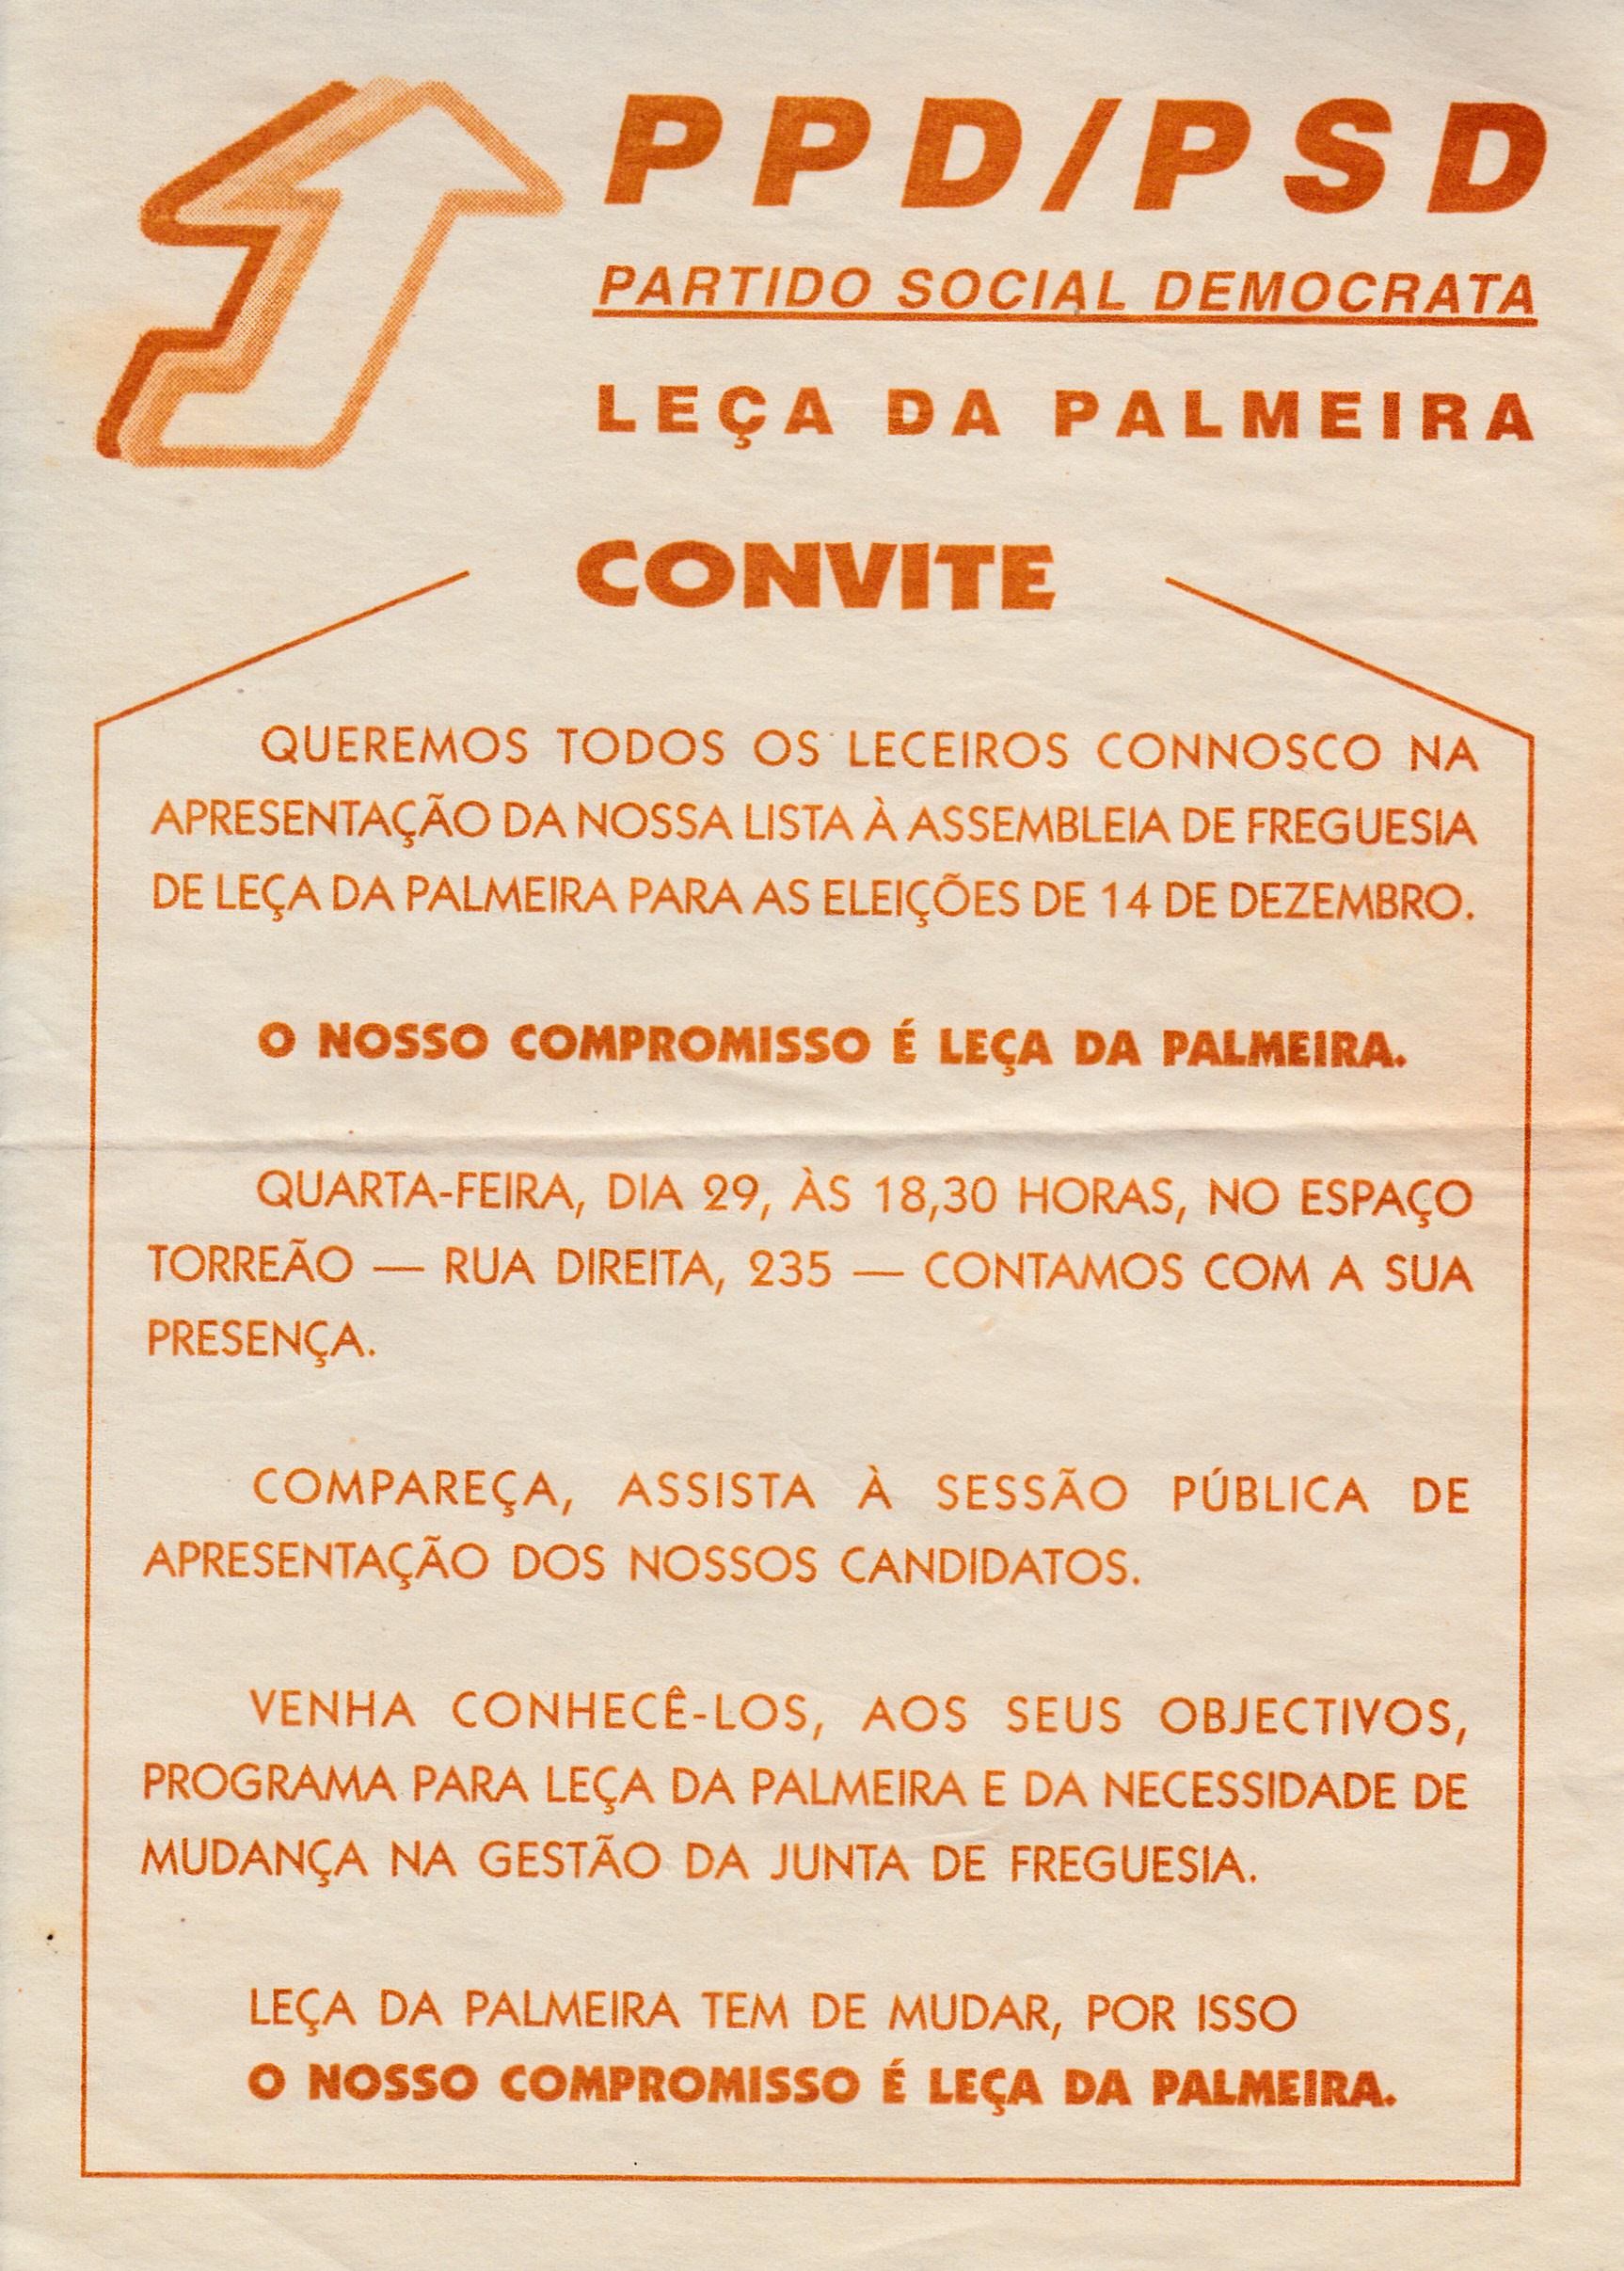 PSD_1997_LECA PALMEIRA